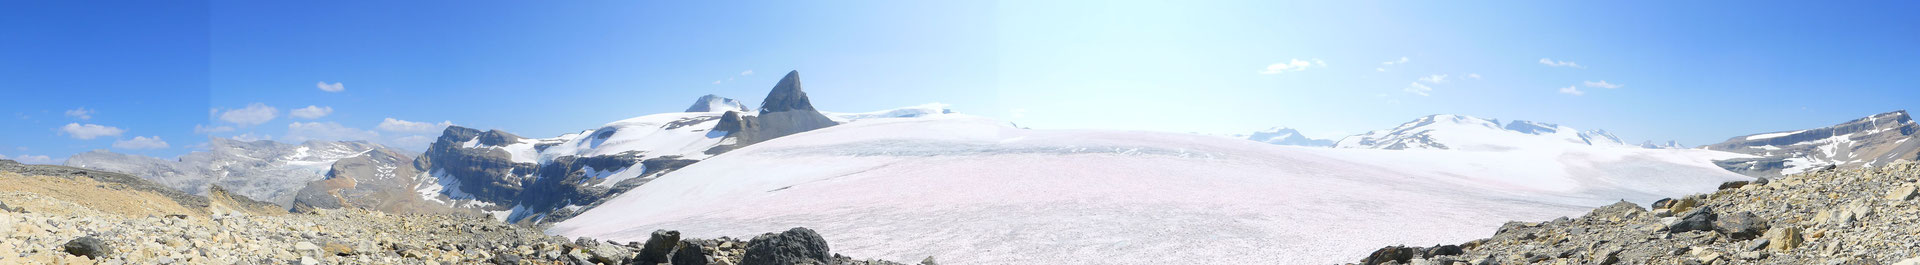 Wapta-Icefield-Panorama, der markante Berg ist der St.Nicholas Peak